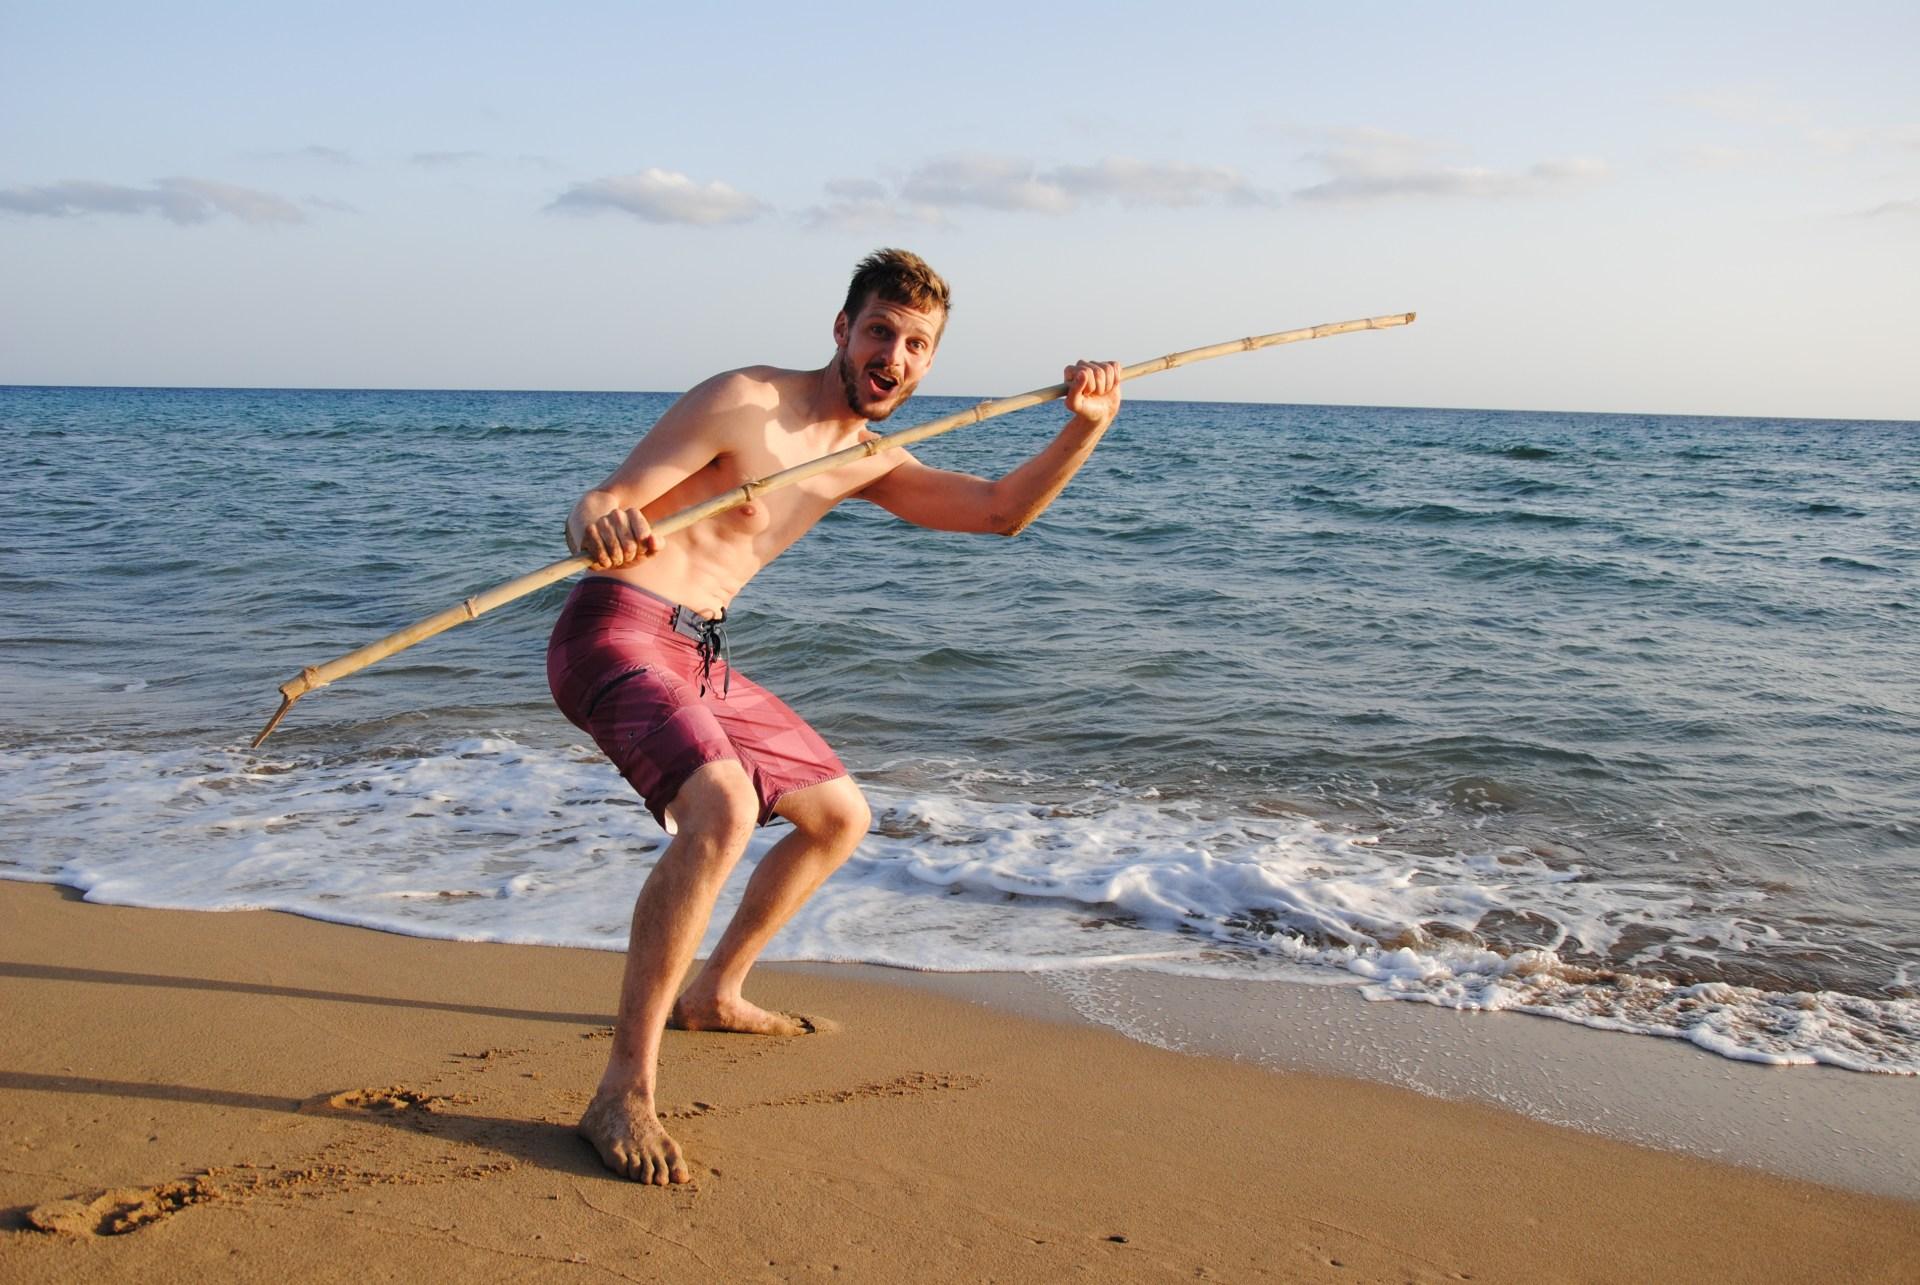 Sebastian steht am Strand und hat einen langen Stock in der Hand